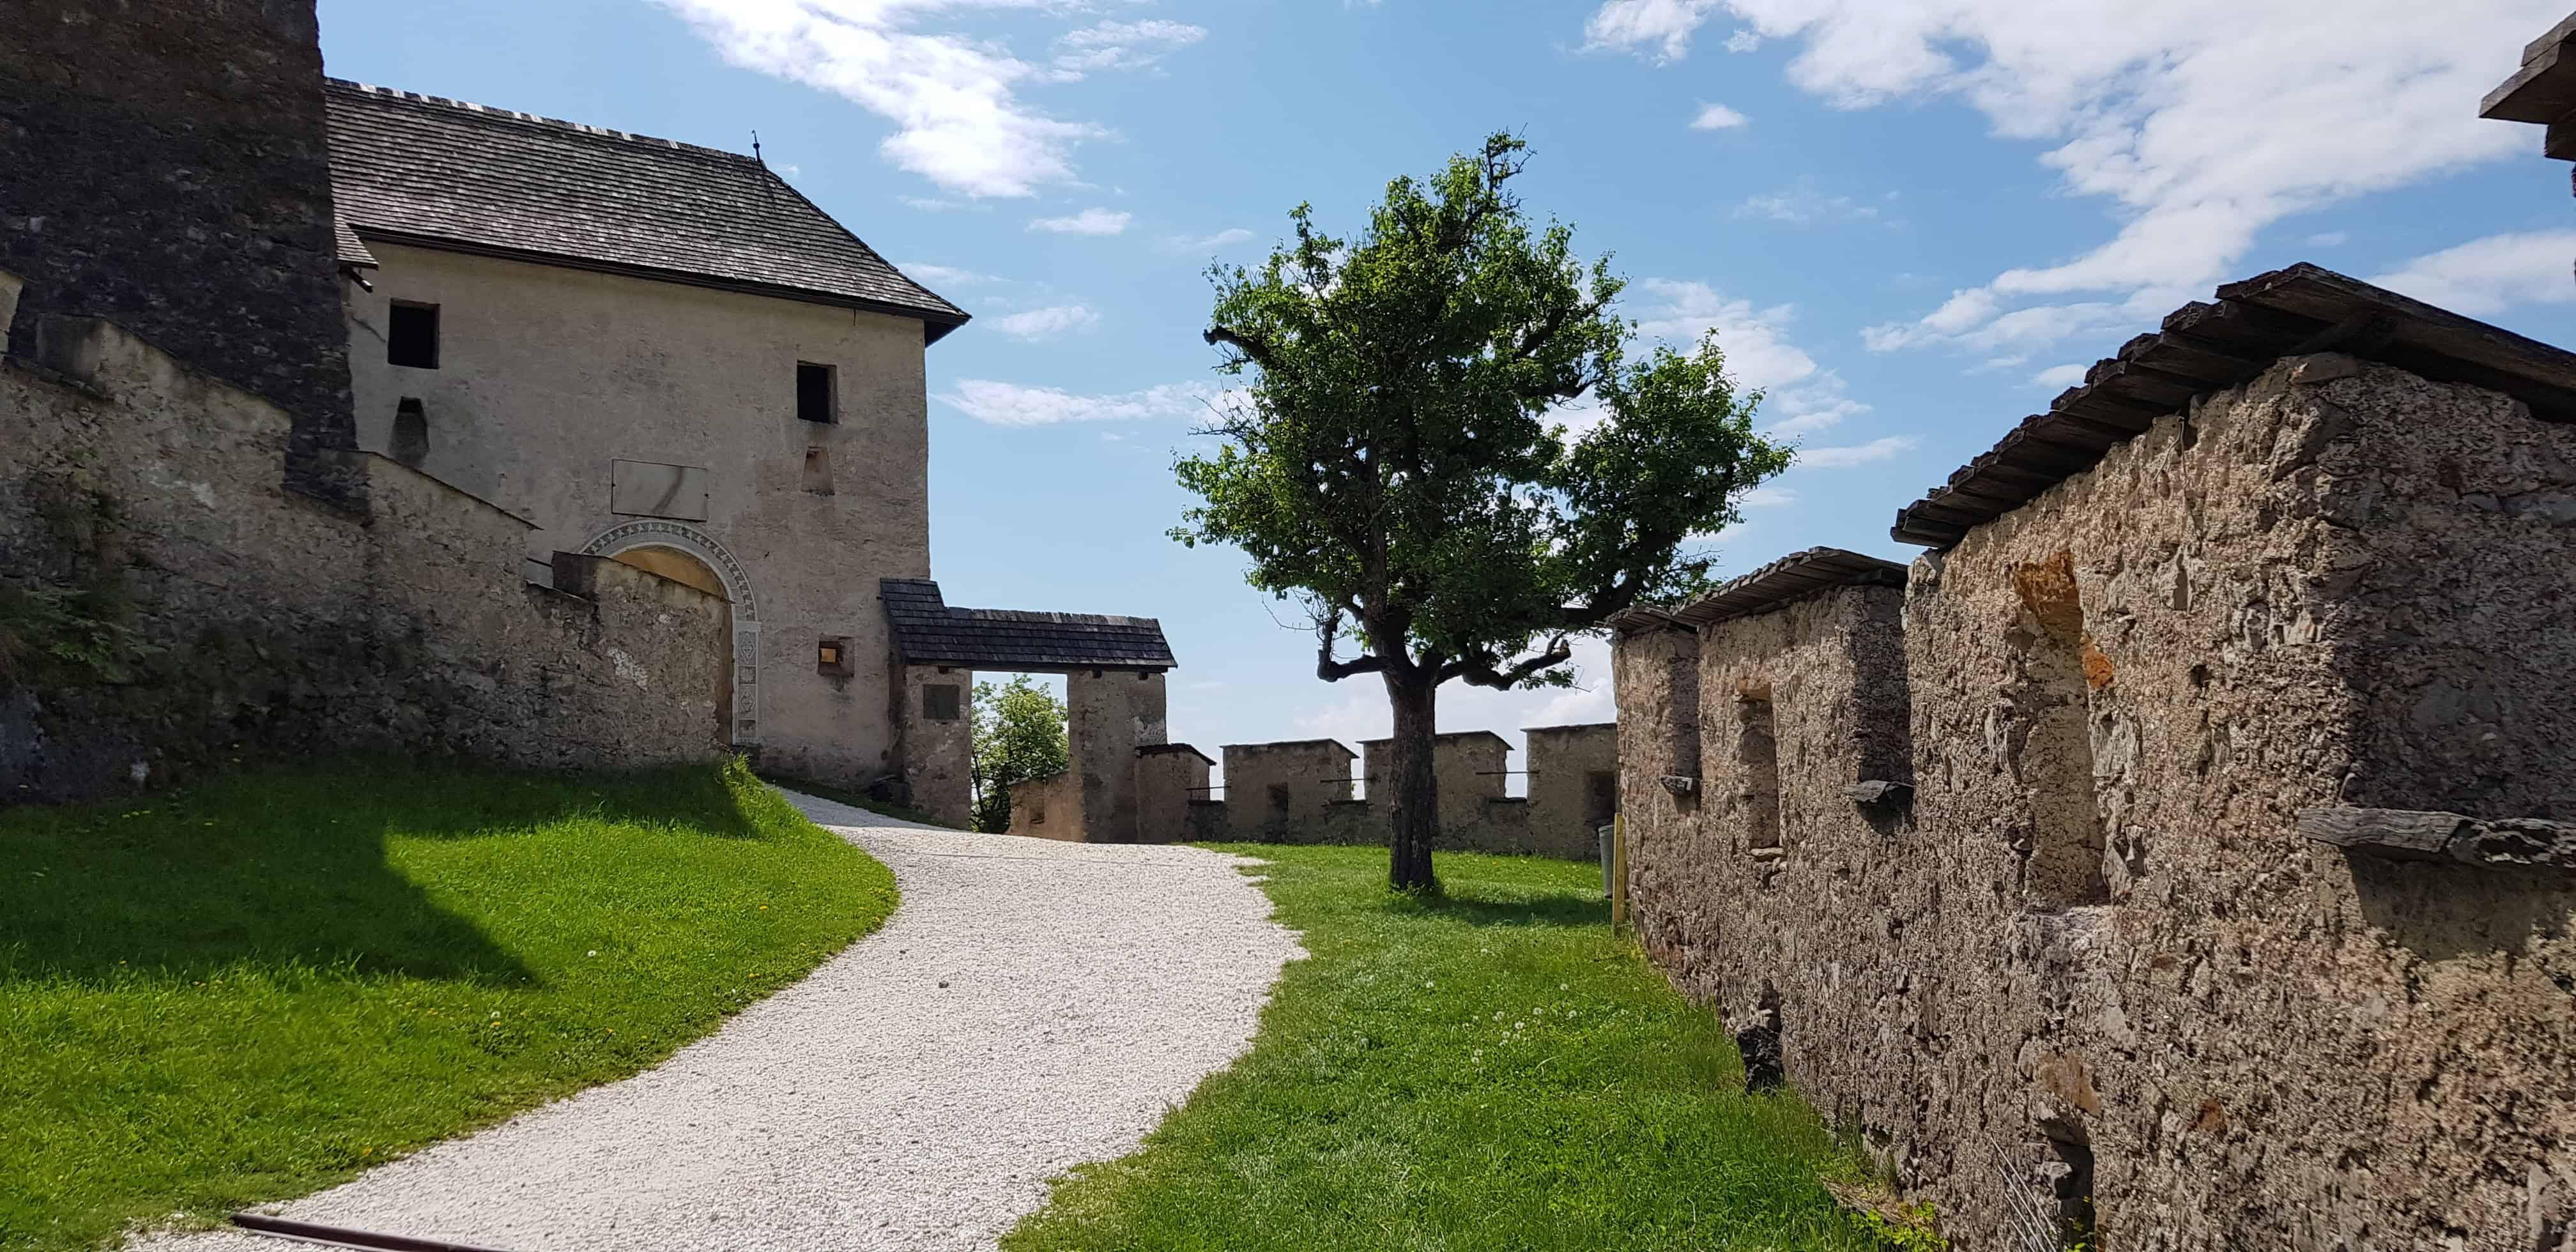 Familienfreundlicher Aufgang auf die Burg Hochosterwitz - historische Sehenswürdigkeit in Kärnten.